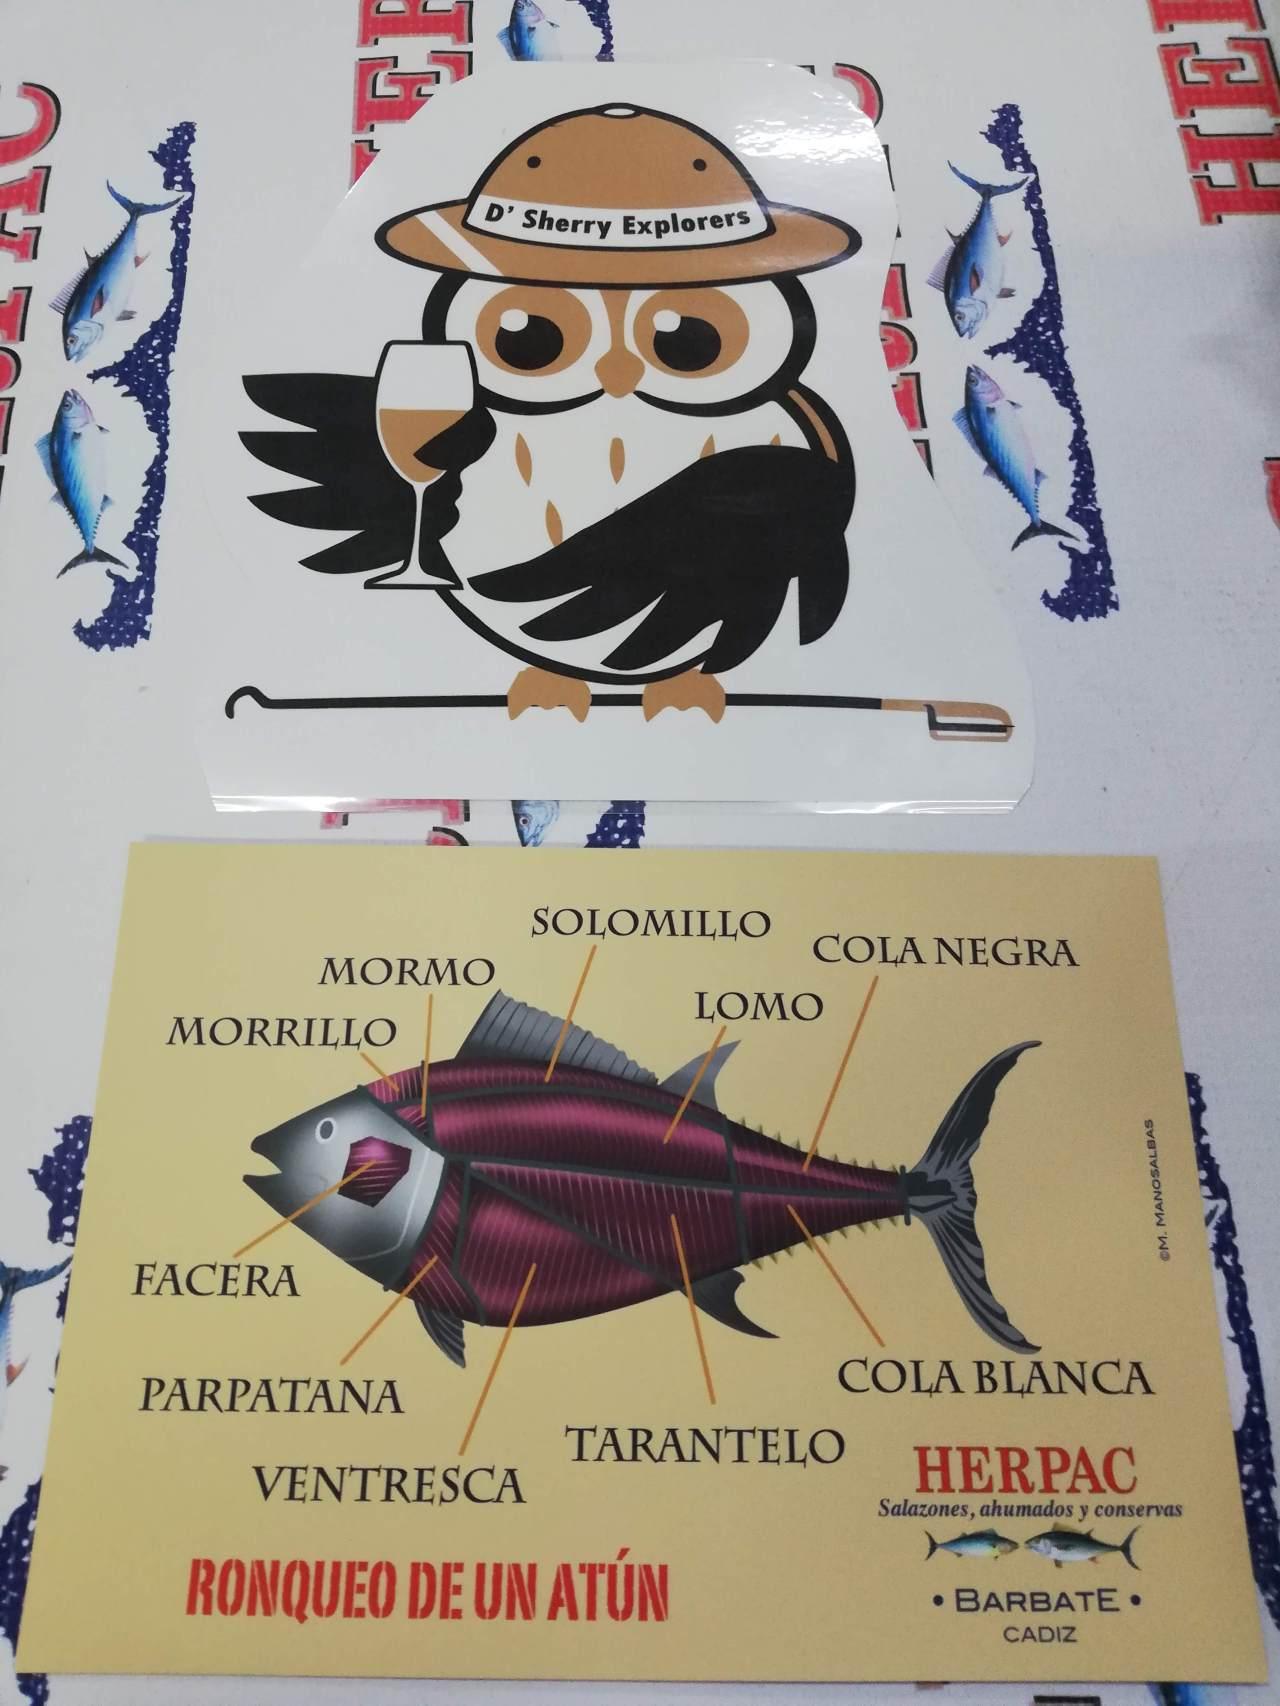 Los Sherry Explorers descubren el atún de Barbate/The Sherry Explorers discover tuna inBarbate